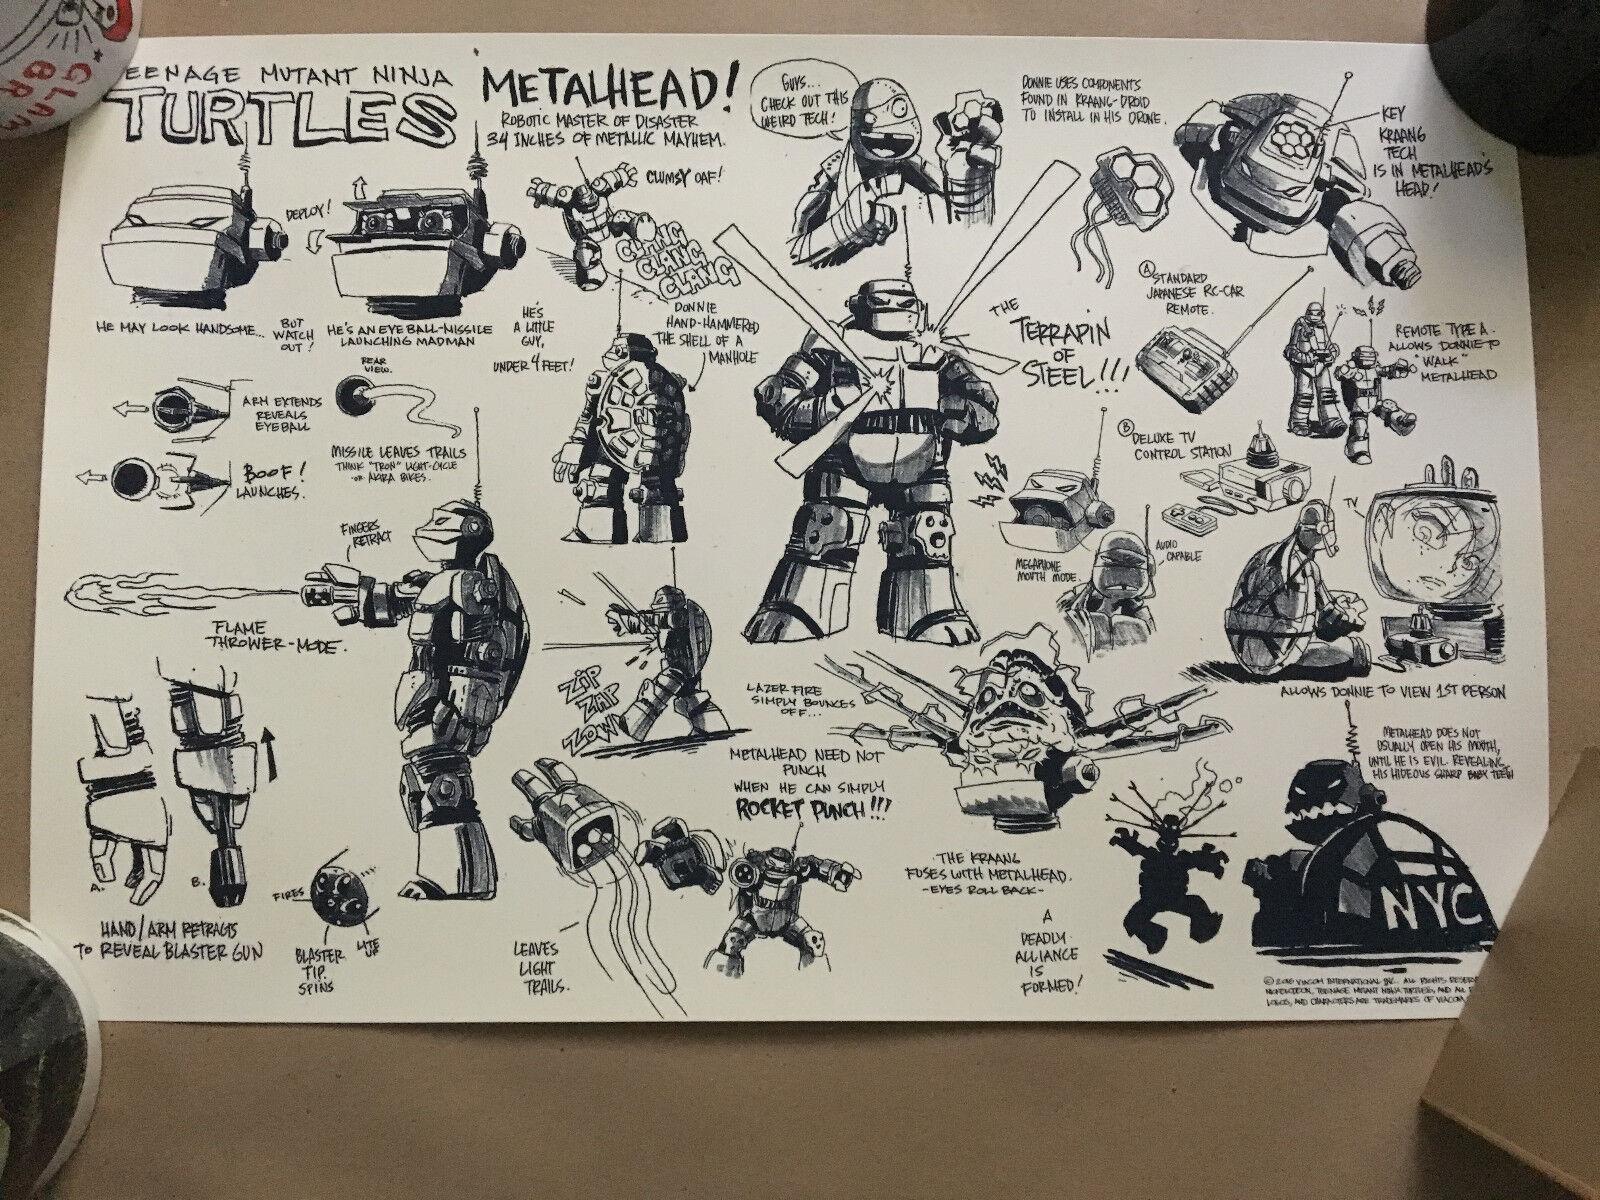 MONDO Metalhead Ciro Nieli Poster - $70.00